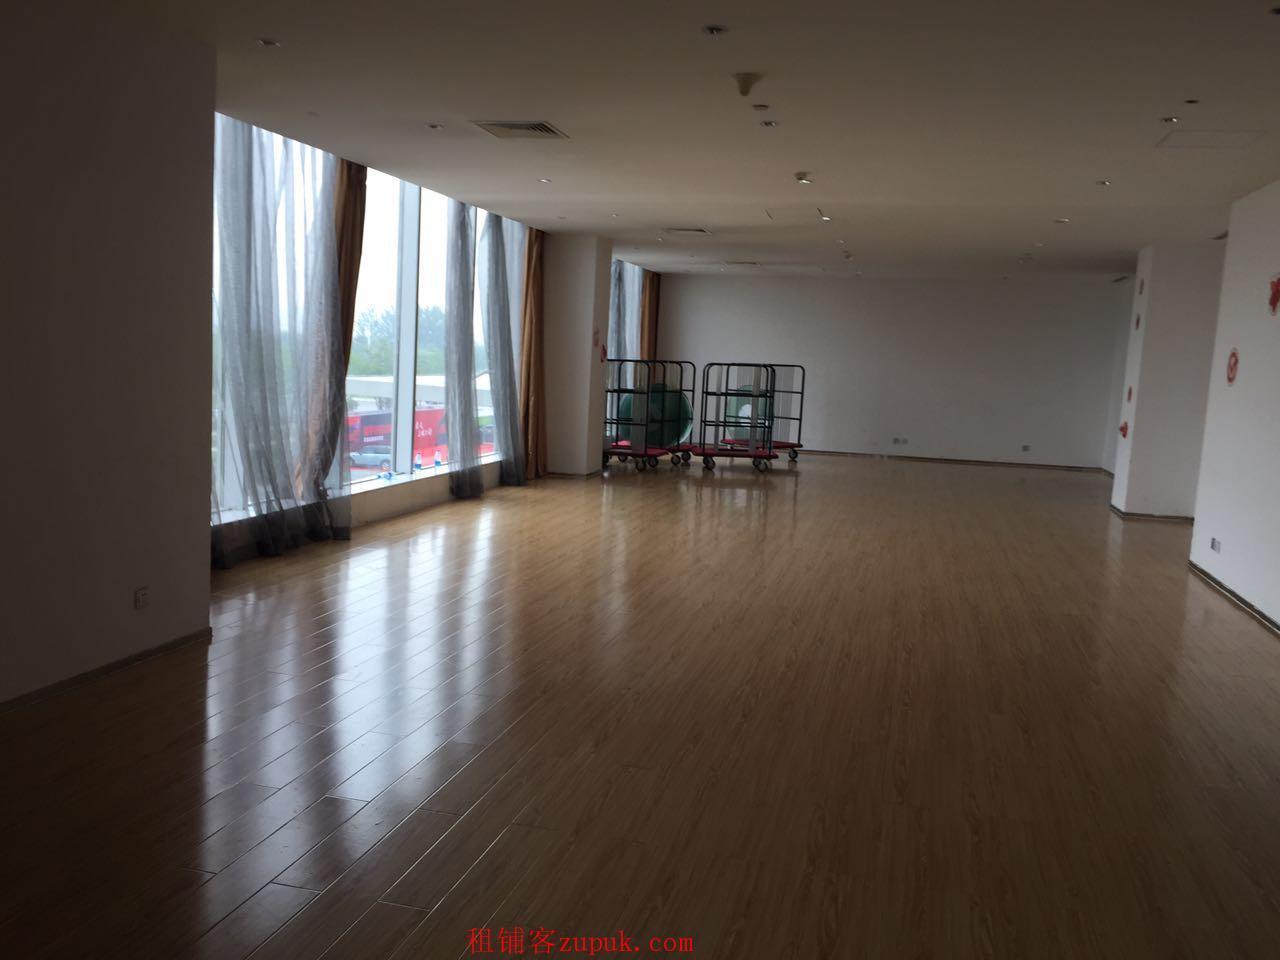 滨海圣光皇冠假日酒店【188平米商铺出租】